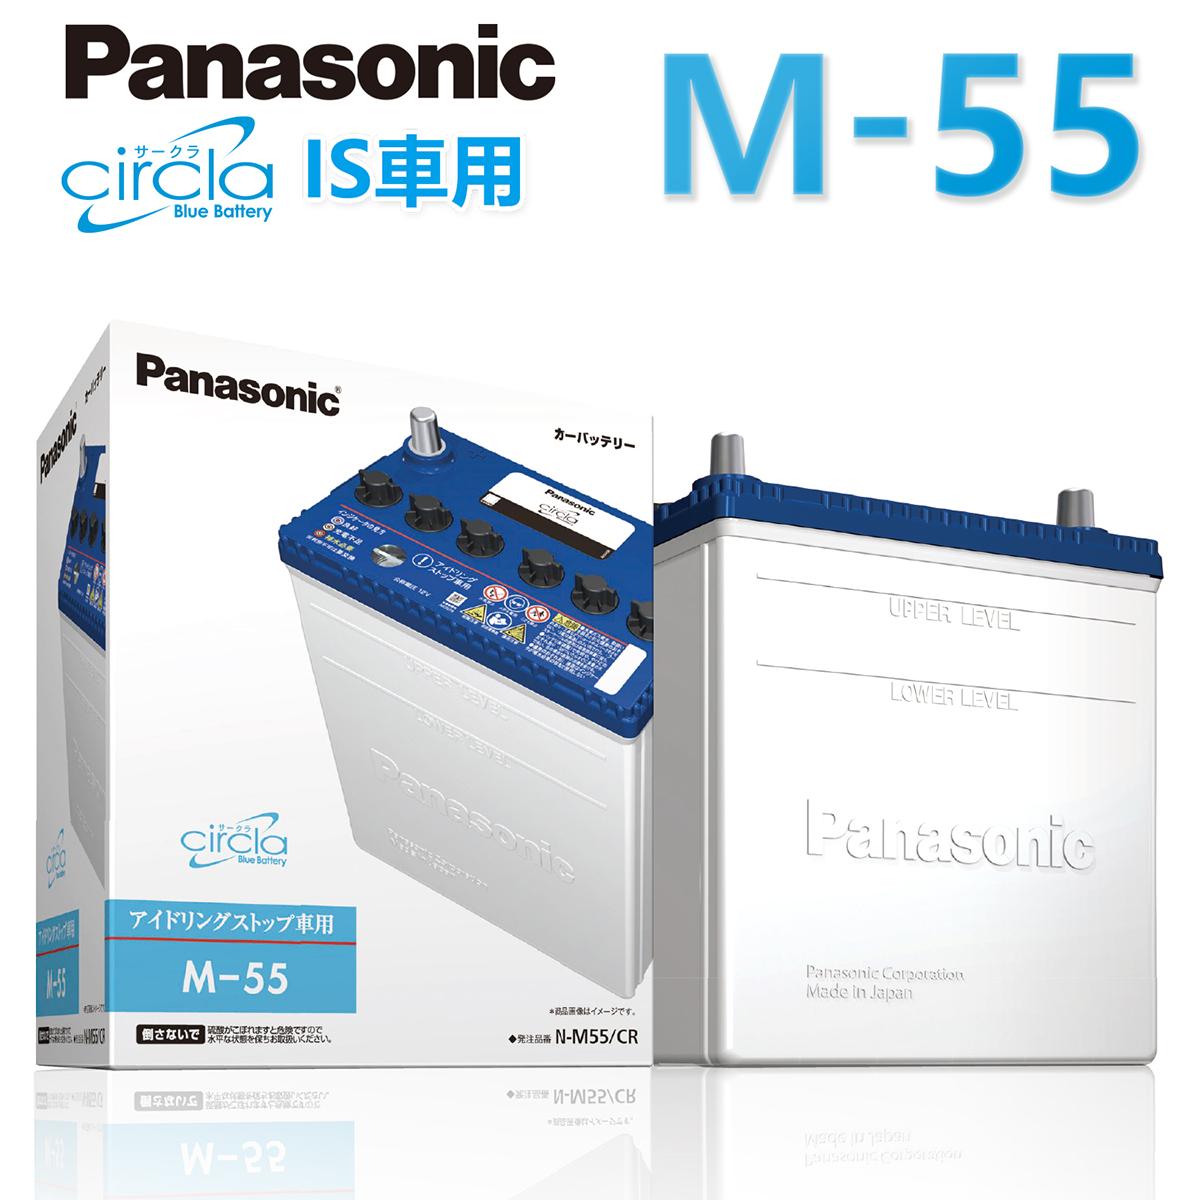 Panasonic カーバッテリー アイドリングストップ車用 バッテリー M-55 サークラ circla パナソニック